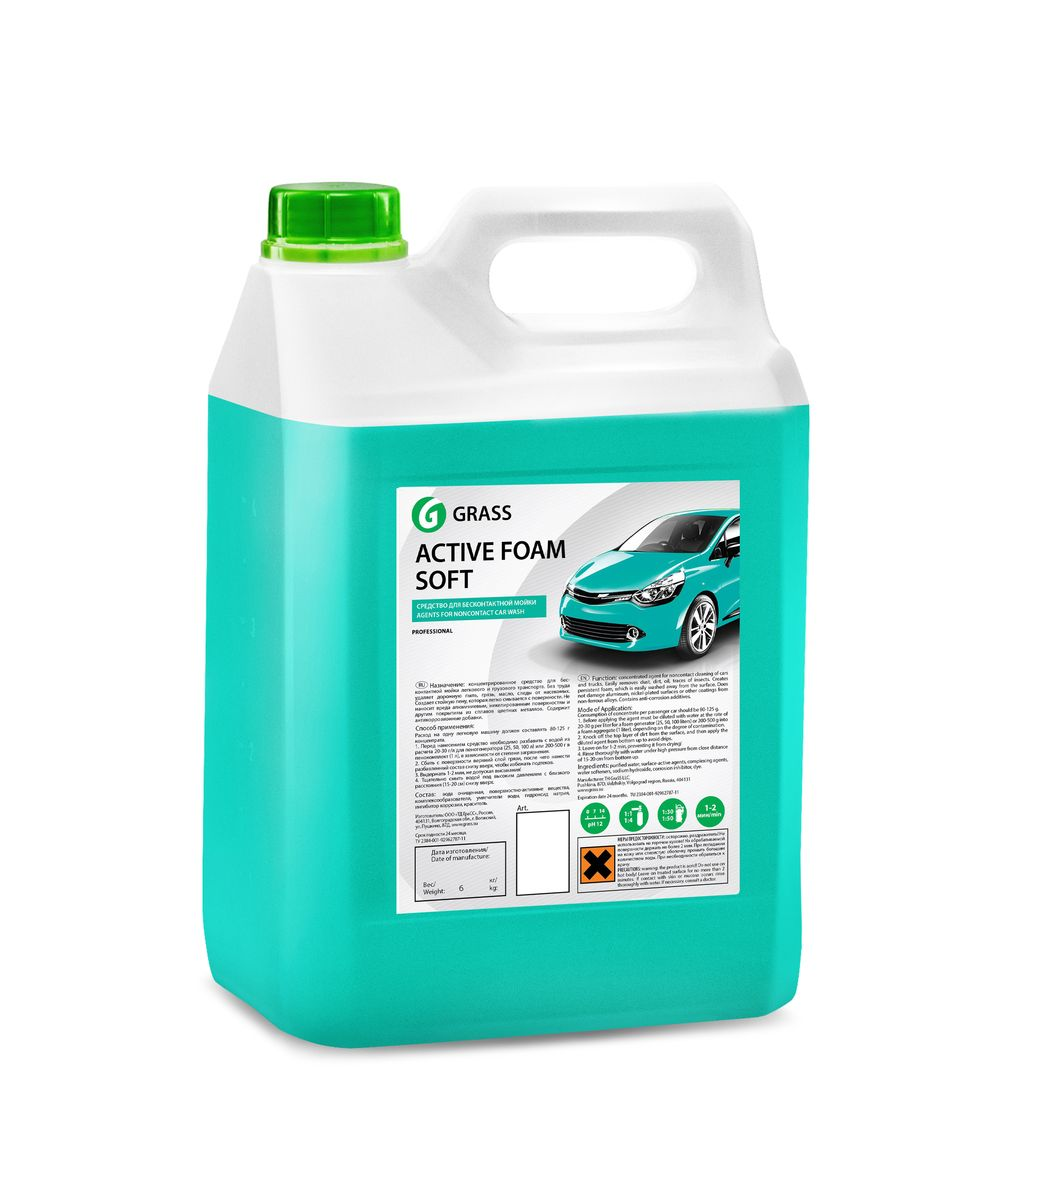 цена на Активная пена Grass Active Foam Soft, 5,8 кг